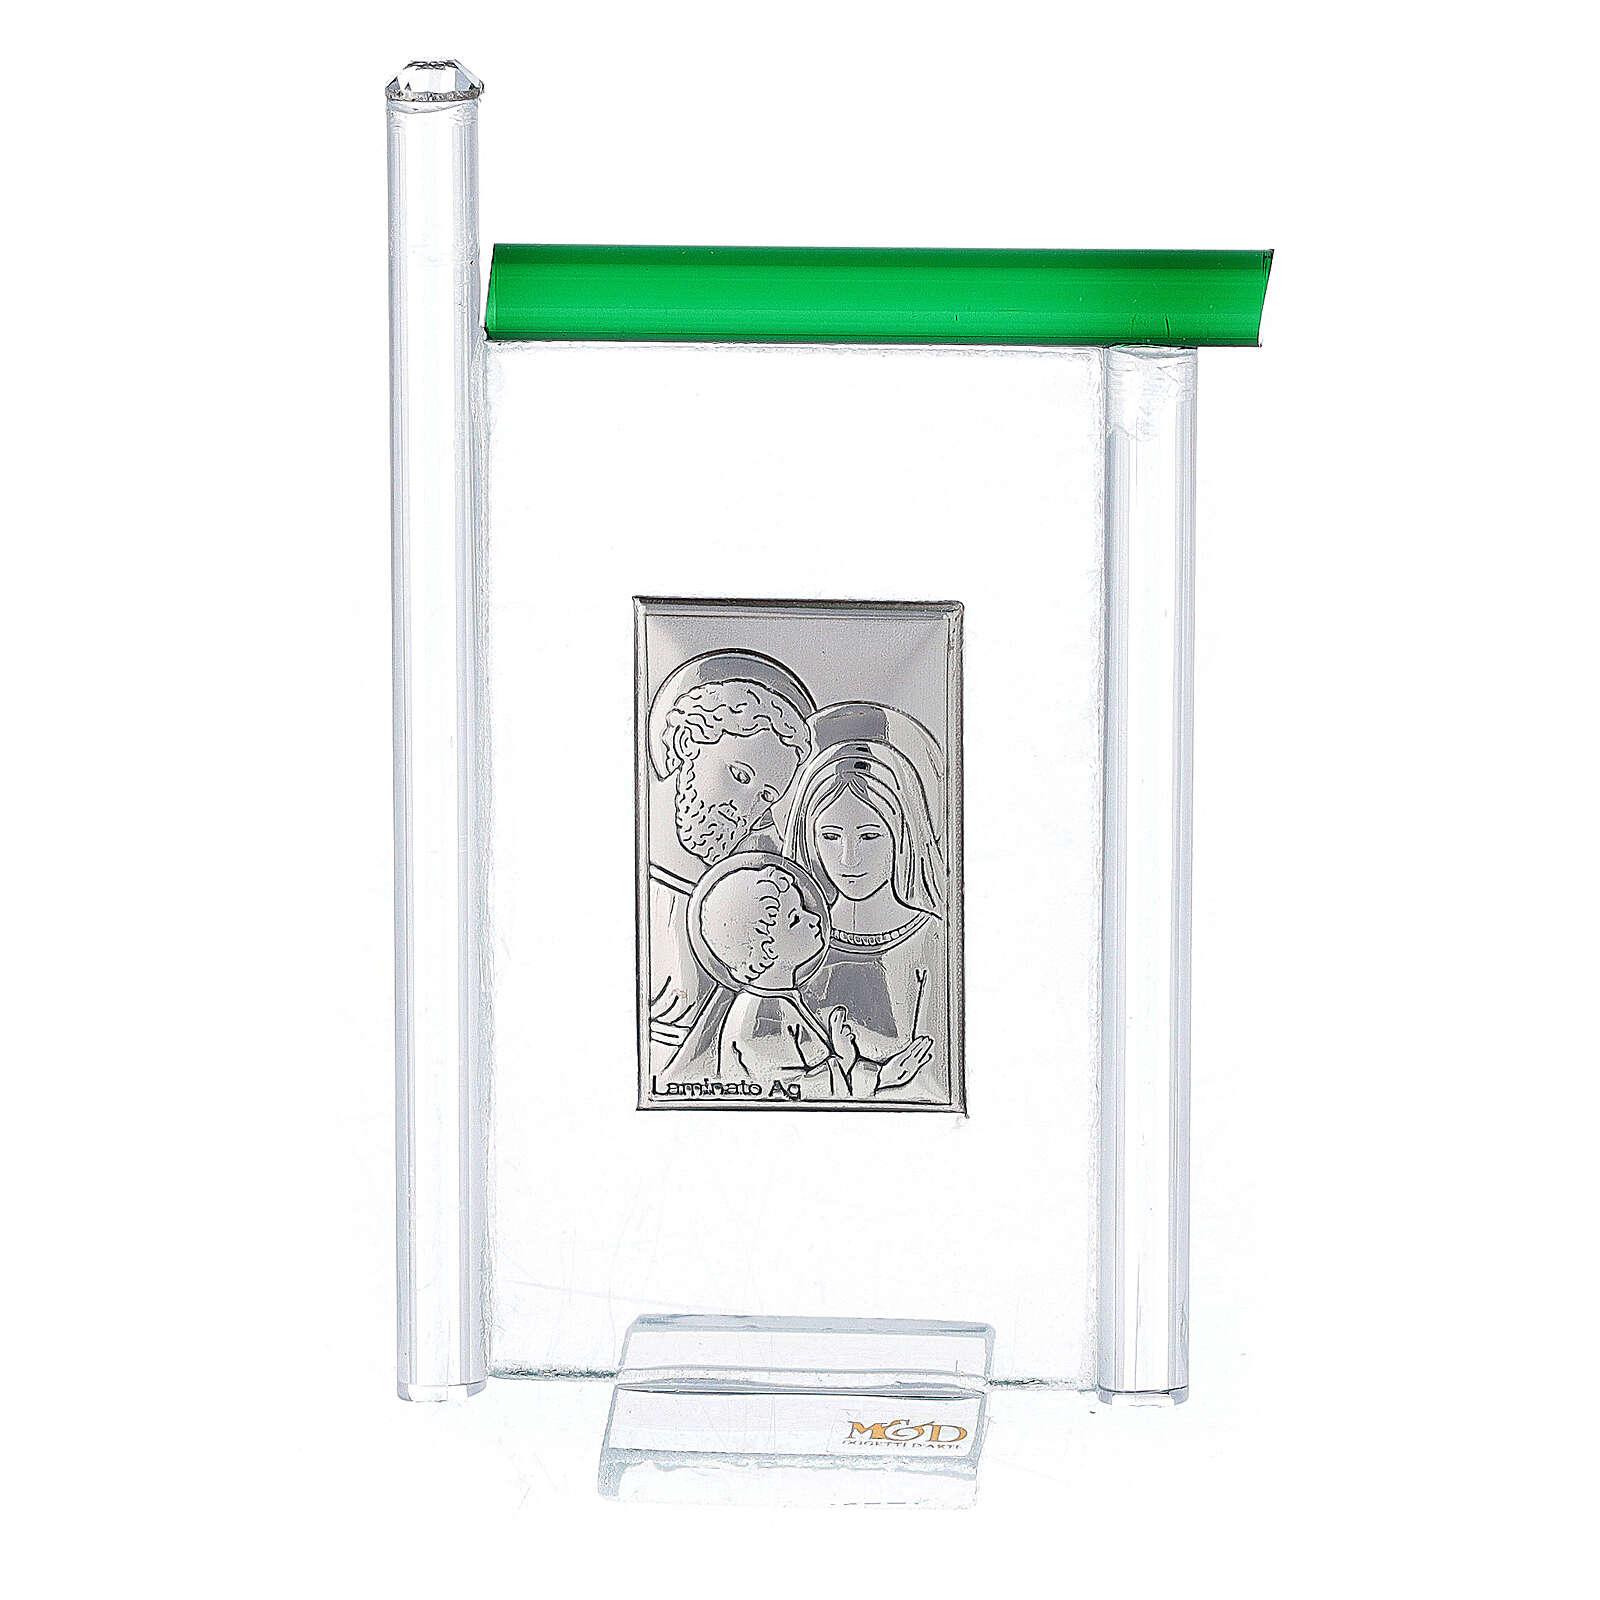 Cadre Ste Famille arg. et verre Murano vert h 9 cm 3